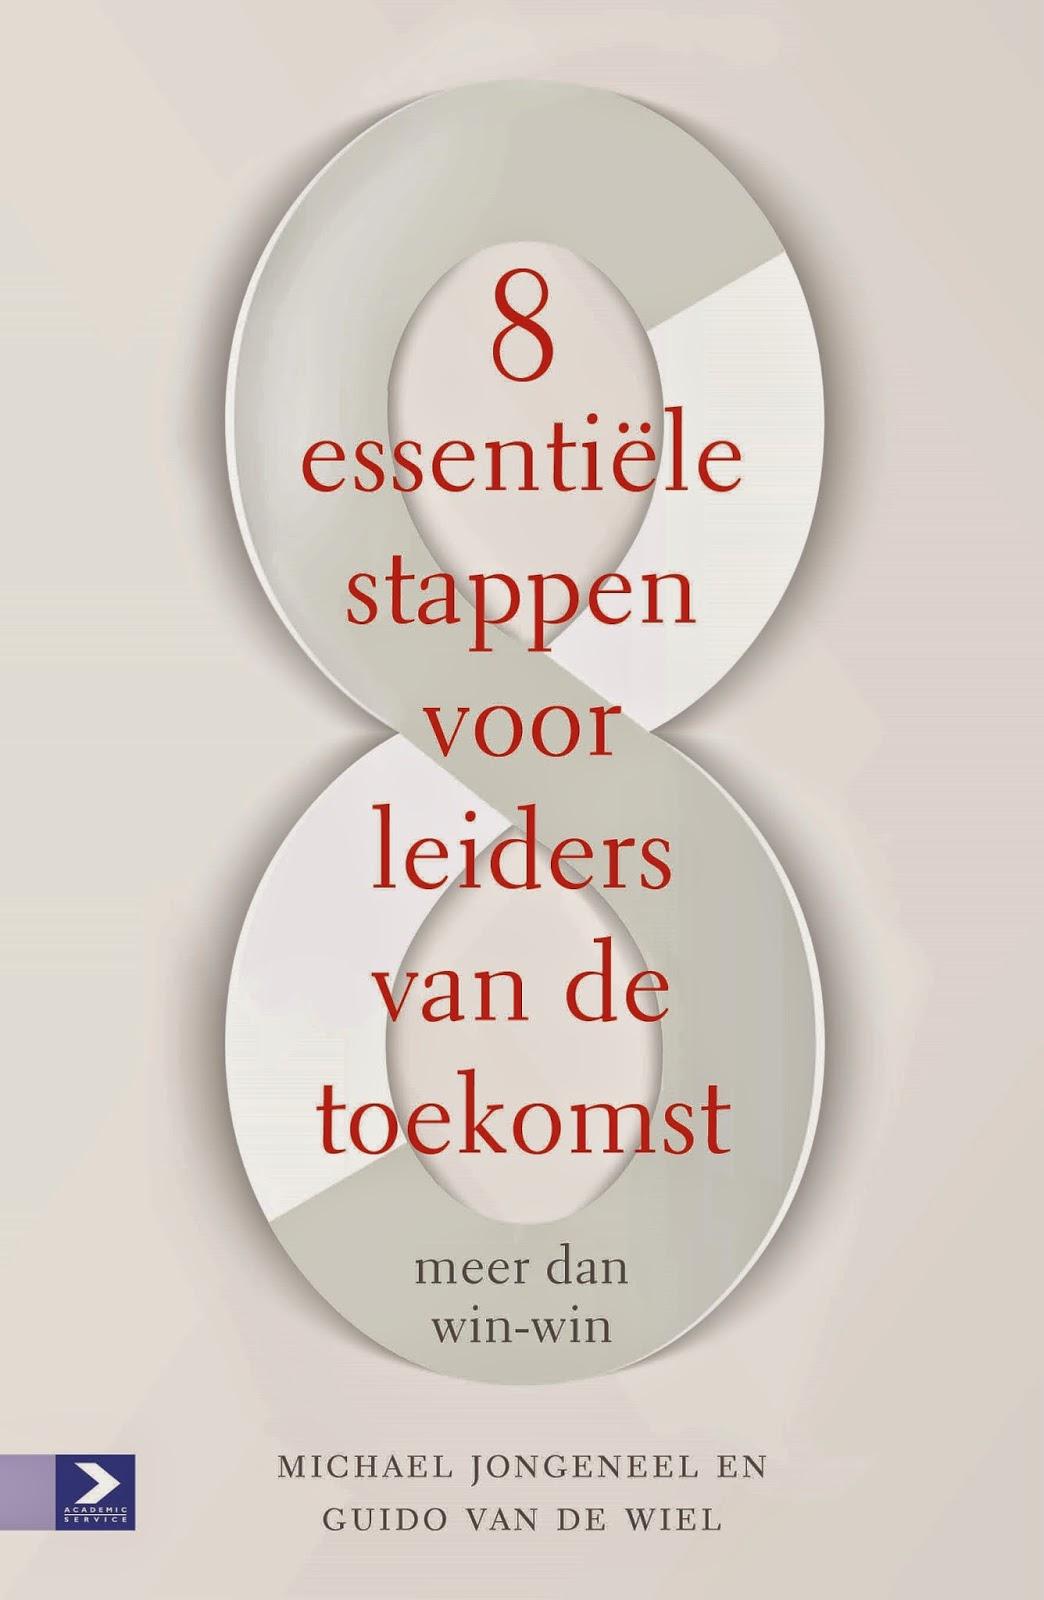 http://www.managementboek.nl/boek/9789462200807/8-essentiele-stappen-voor-leiders-van-de-toekomst-michael-jongeneel?affiliate=3058